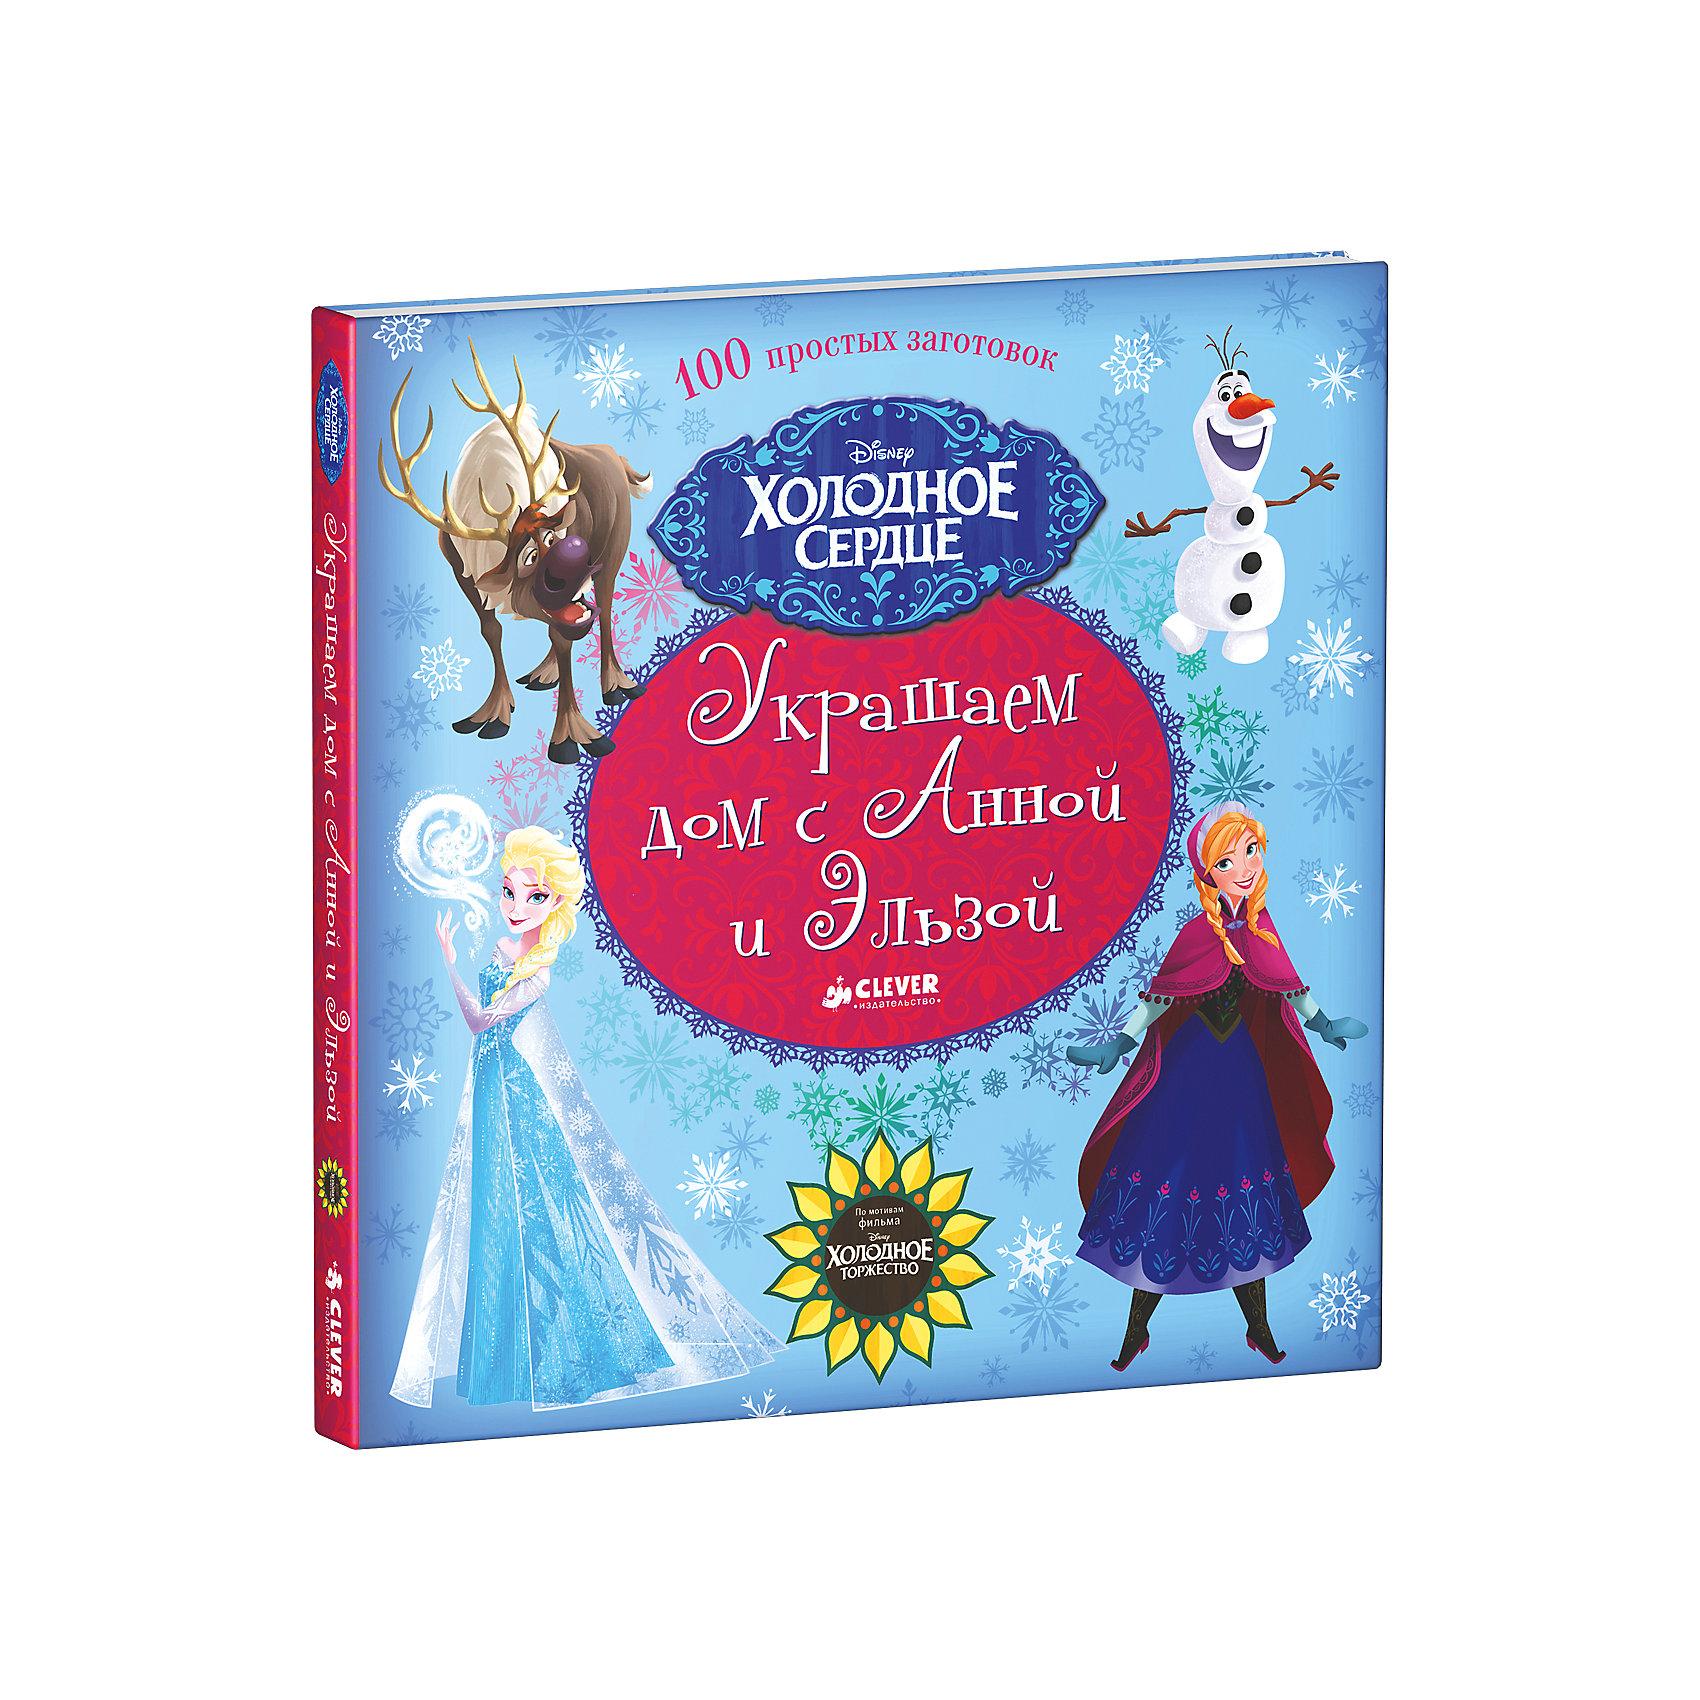 Украшаем дом с Анной и Эльзой. 100 простых заготовокНабор бумаги для творчества с героями мультфильма «Холодное сердце» (Frozen) поможет девочке легко и быстро сделать разнообразные украшения для вашего дома: различные гирлянды, разноцветные шарики и звезды, бирки для подарков и многое другое. Каждая страница - это двусторонний паттерн, выполненный в духе мультфильма «Холодное сердце». Четкие пошаговые инструкции и пунктирные линии на страницах помогут правильно изготовить ваши поделки. Вам понадобятся только ножницы, скотч и ваша фантазия!<br><br>Дополнительная информация:<br><br>- Формат: 22х22 см.<br>- Количество страниц: 208.<br>- Переплет: мягкий.<br>- Иллюстрации: цветные.<br><br>Книгу Украшаем дом с Анной и Эльзой. 100 простых заготовок, можно купить в нашем магазине.<br><br>Ширина мм: 220<br>Глубина мм: 220<br>Высота мм: 15<br>Вес г: 380<br>Возраст от месяцев: 60<br>Возраст до месяцев: 132<br>Пол: Женский<br>Возраст: Детский<br>SKU: 4419561